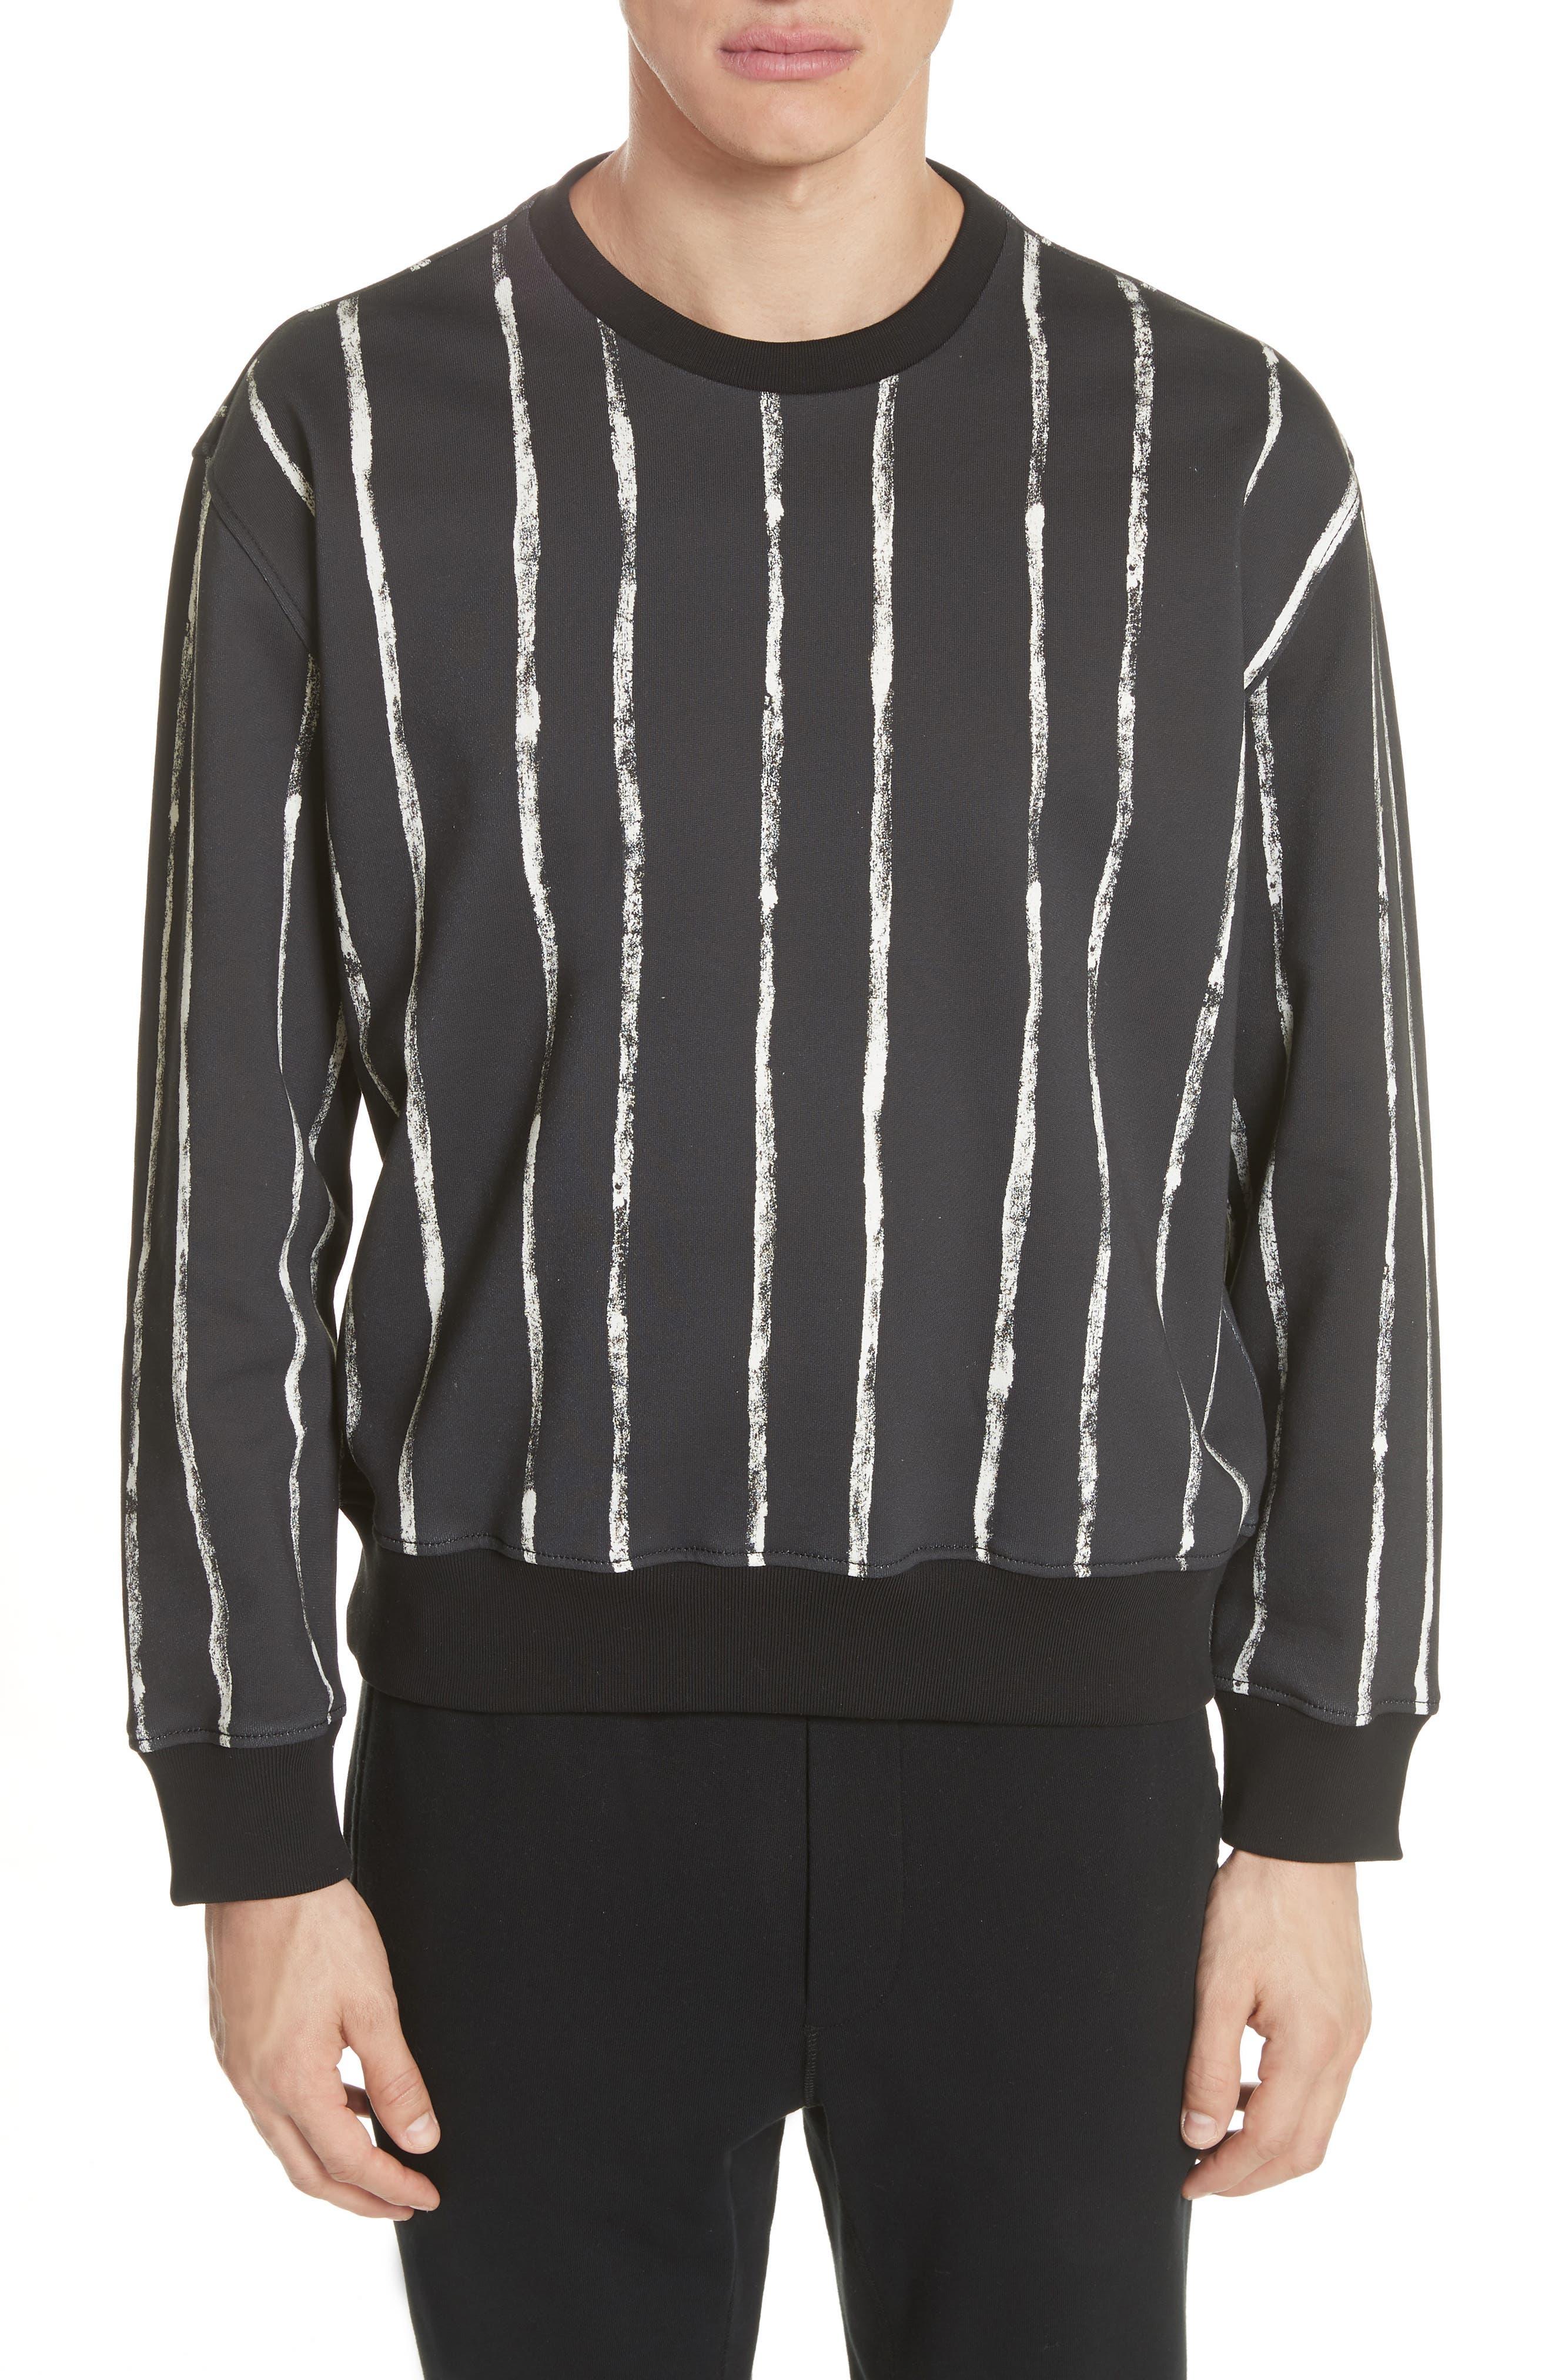 Paint Stripe Crewneck Sweatshirt,                         Main,                         color, Black/ White